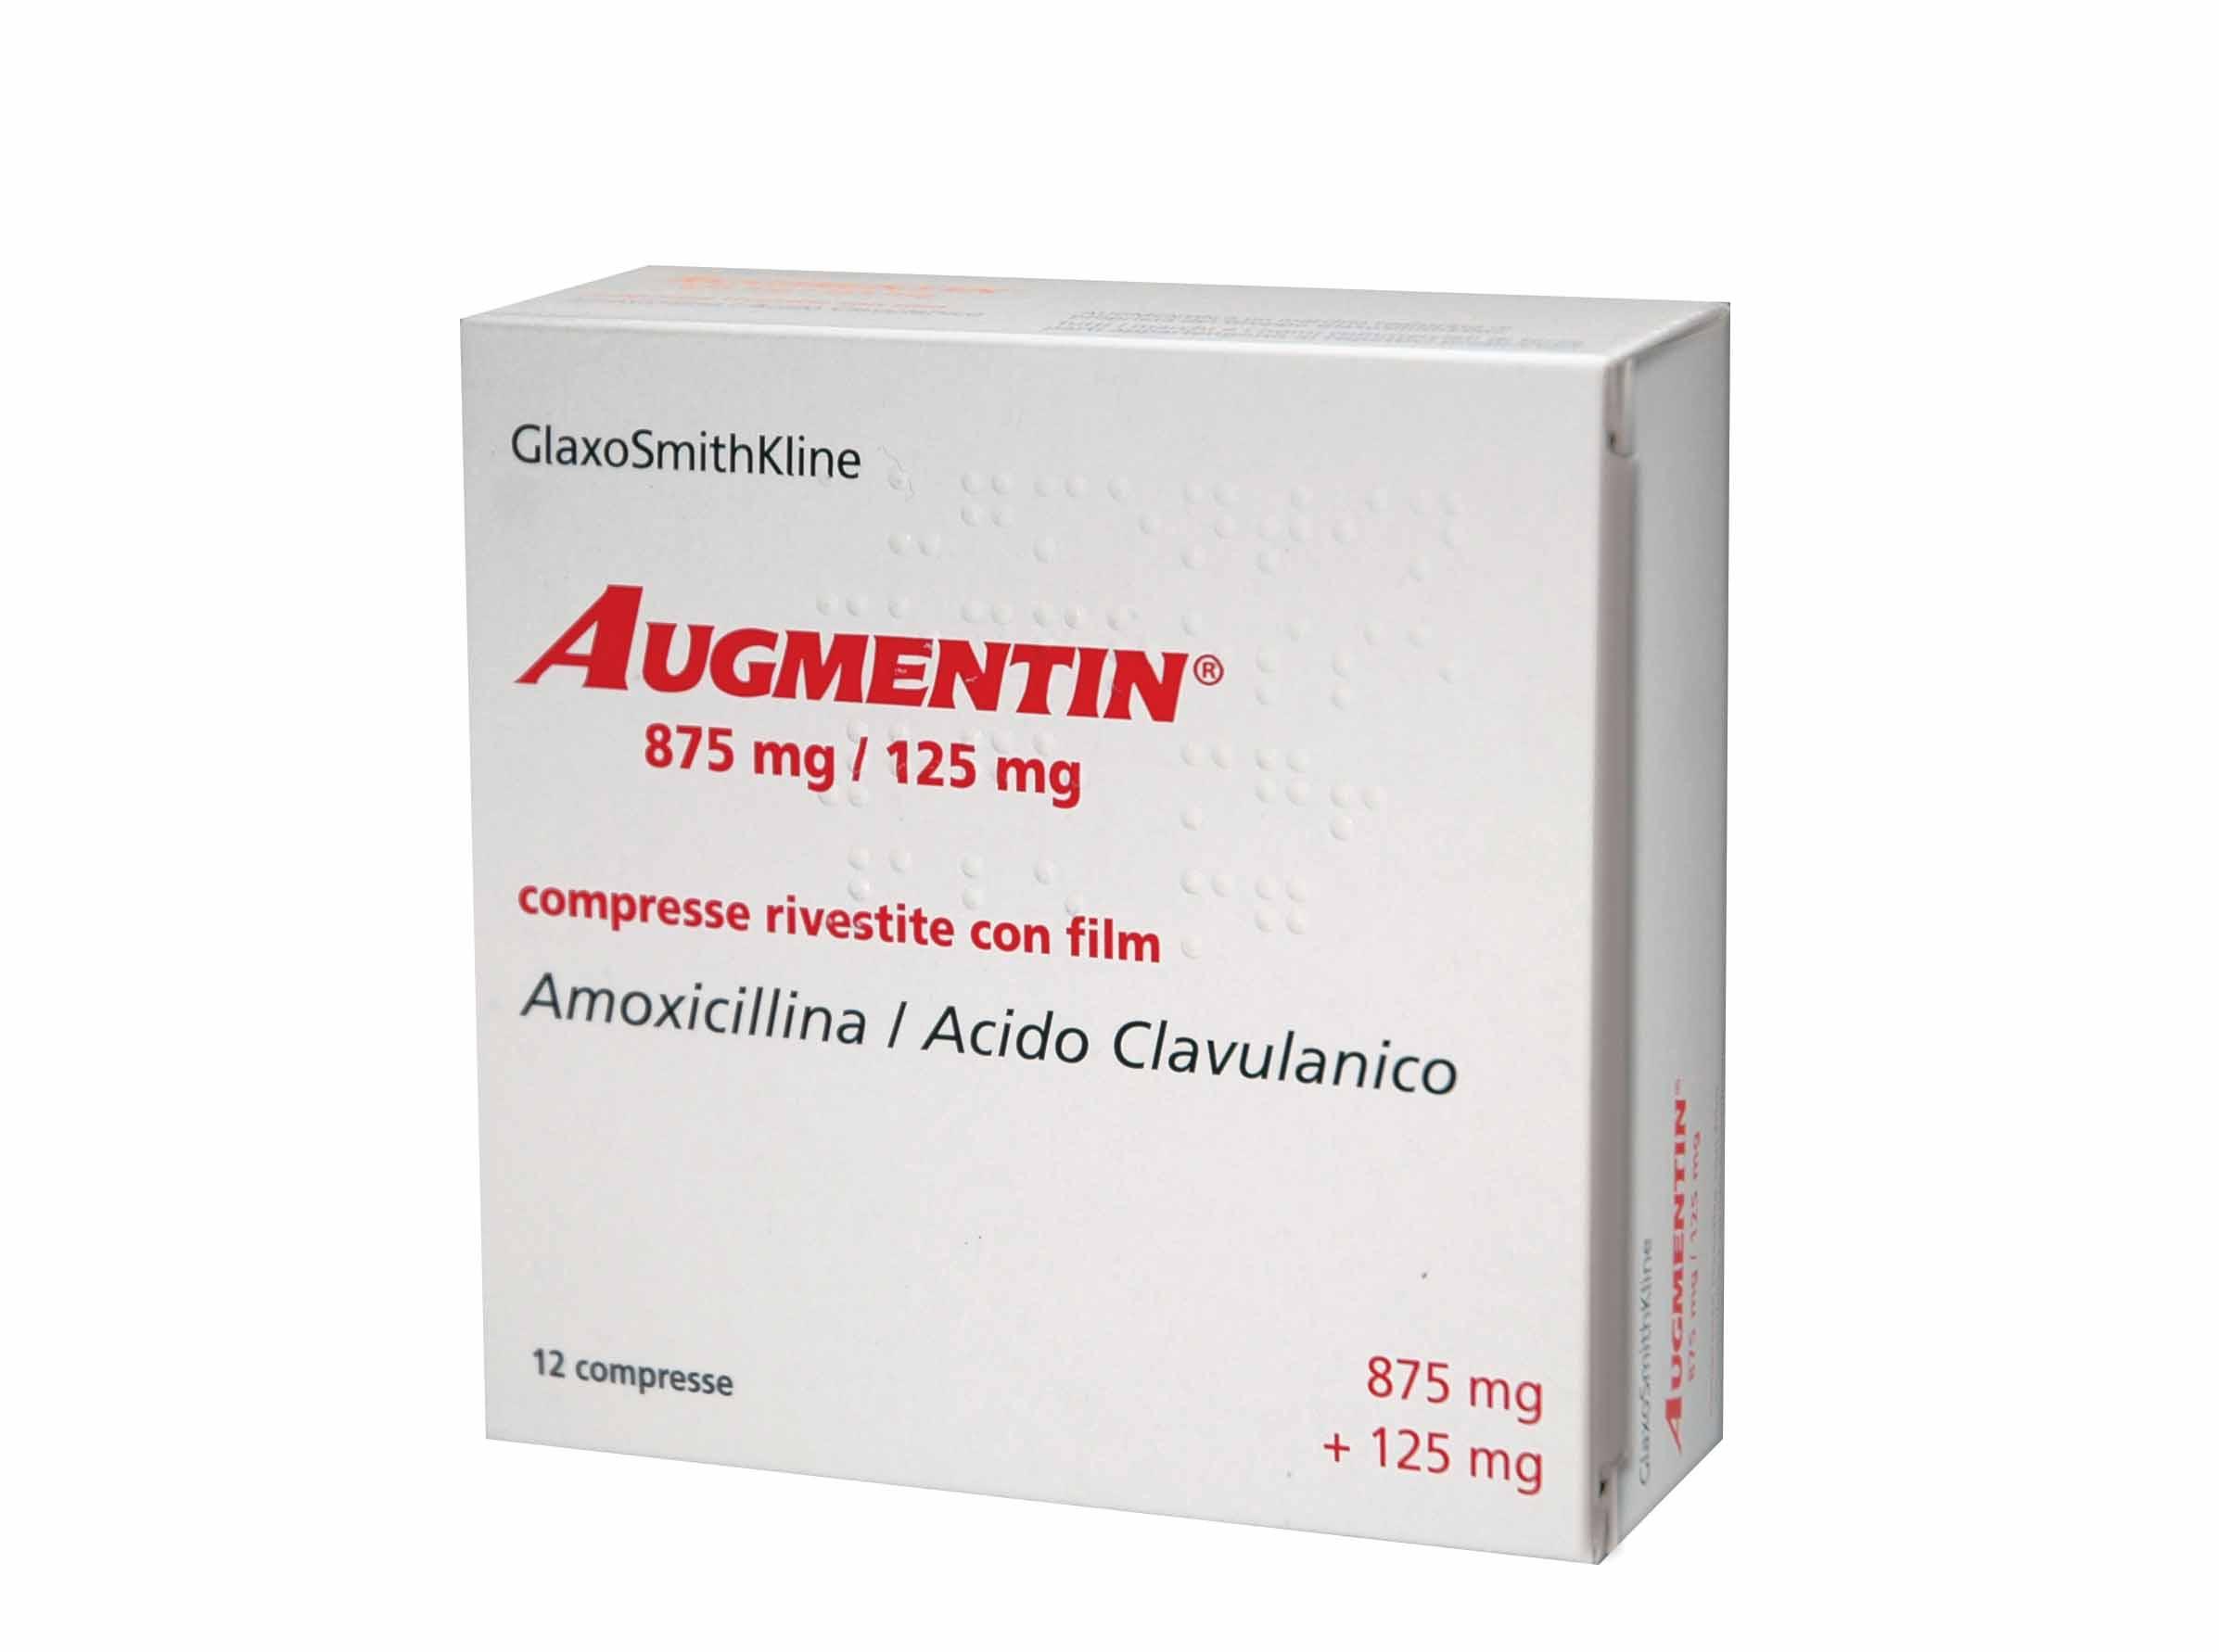 antibiotico augmentin si può prendere in gravidanza